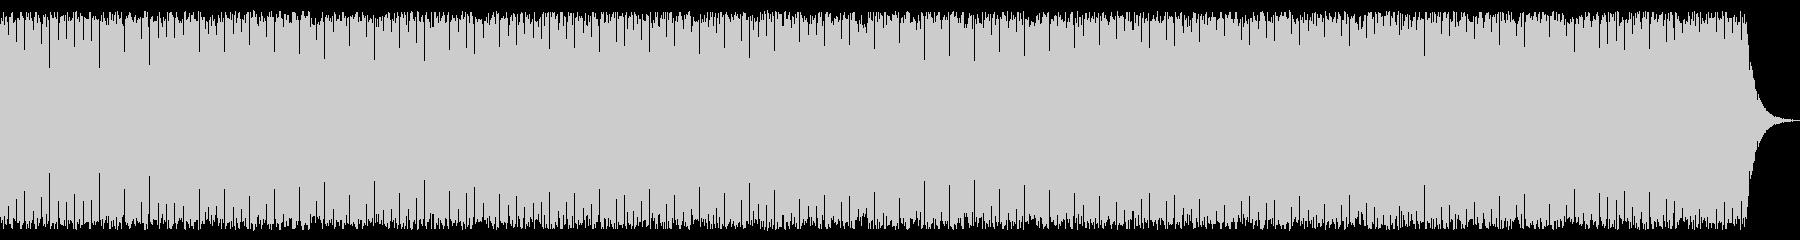 追いかけるシーンのBGMの未再生の波形